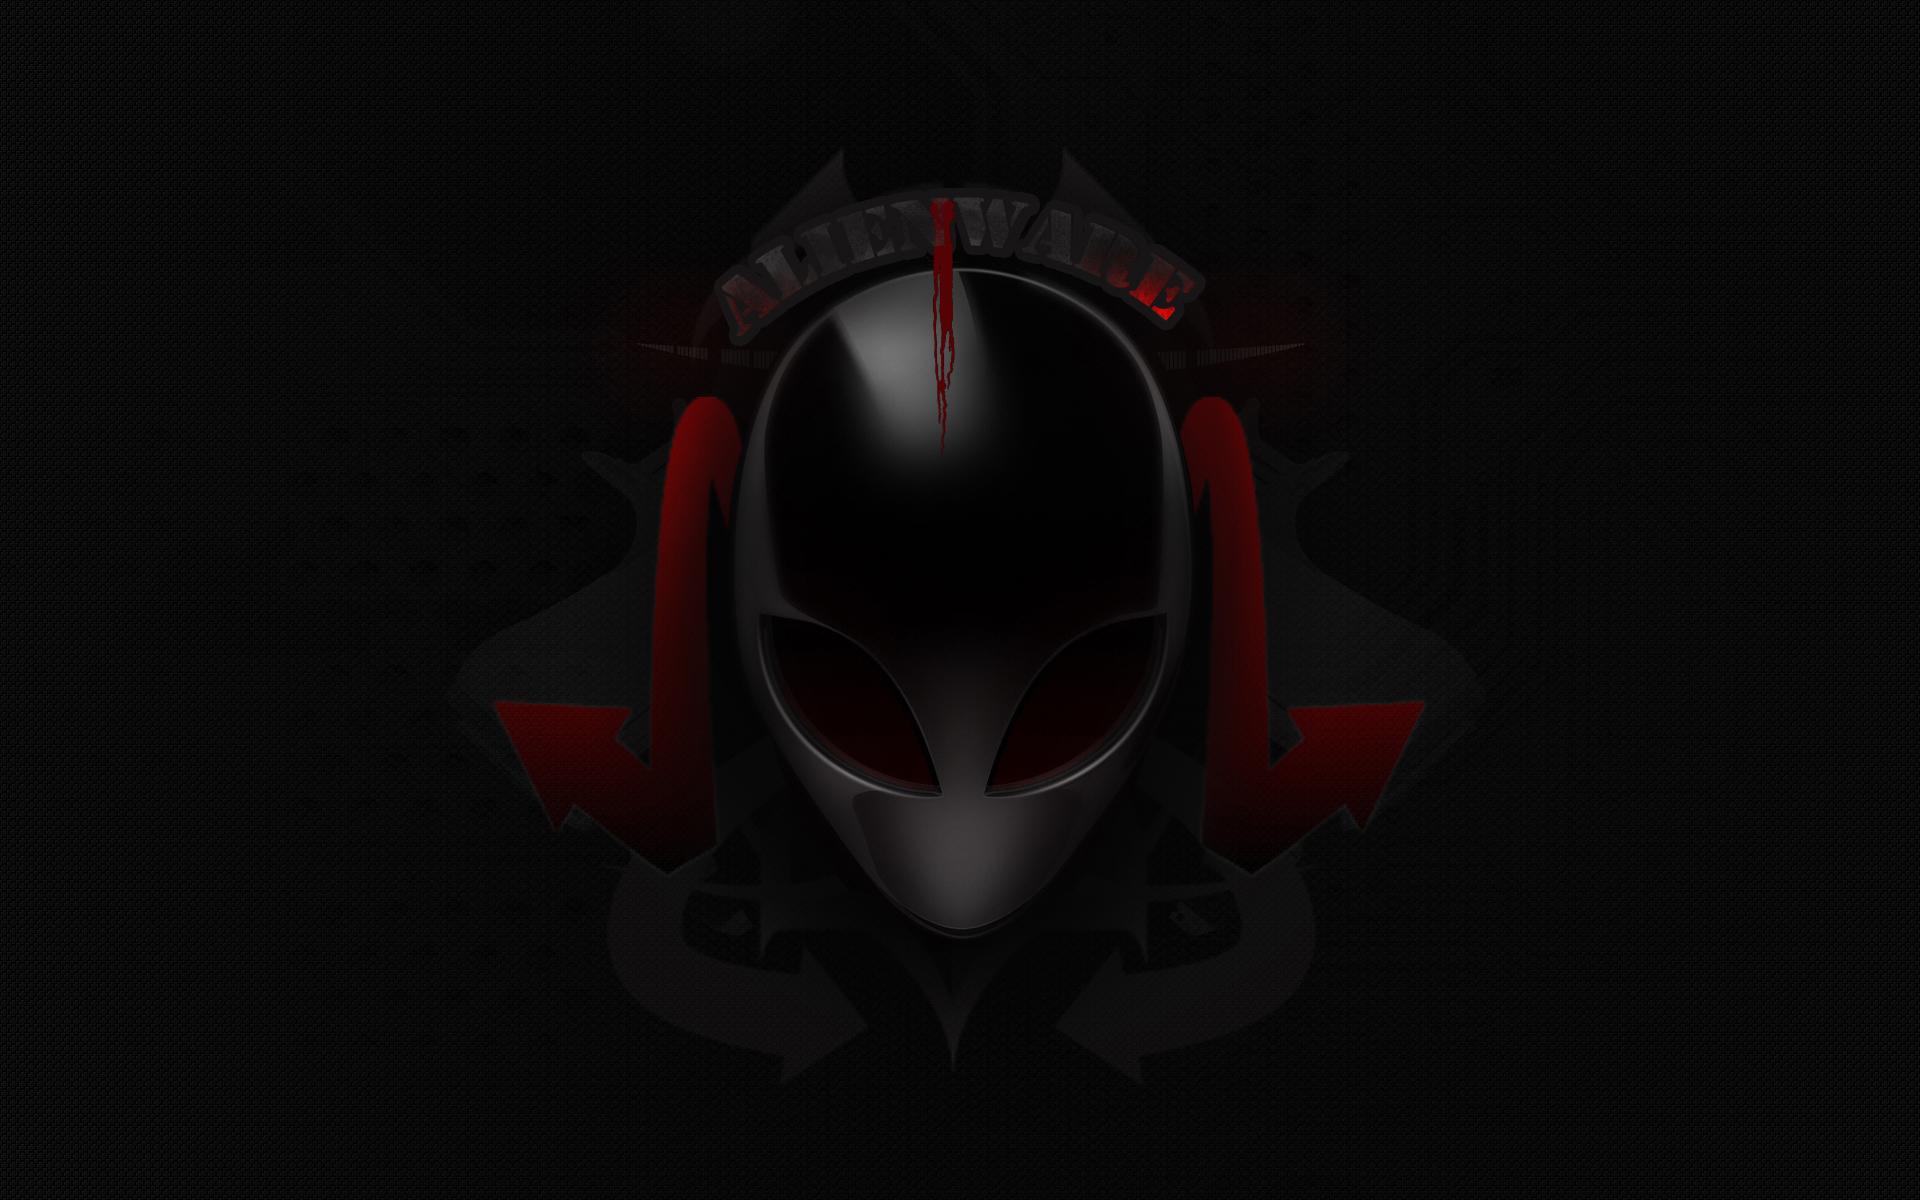 alienware desktop background red - photo #12